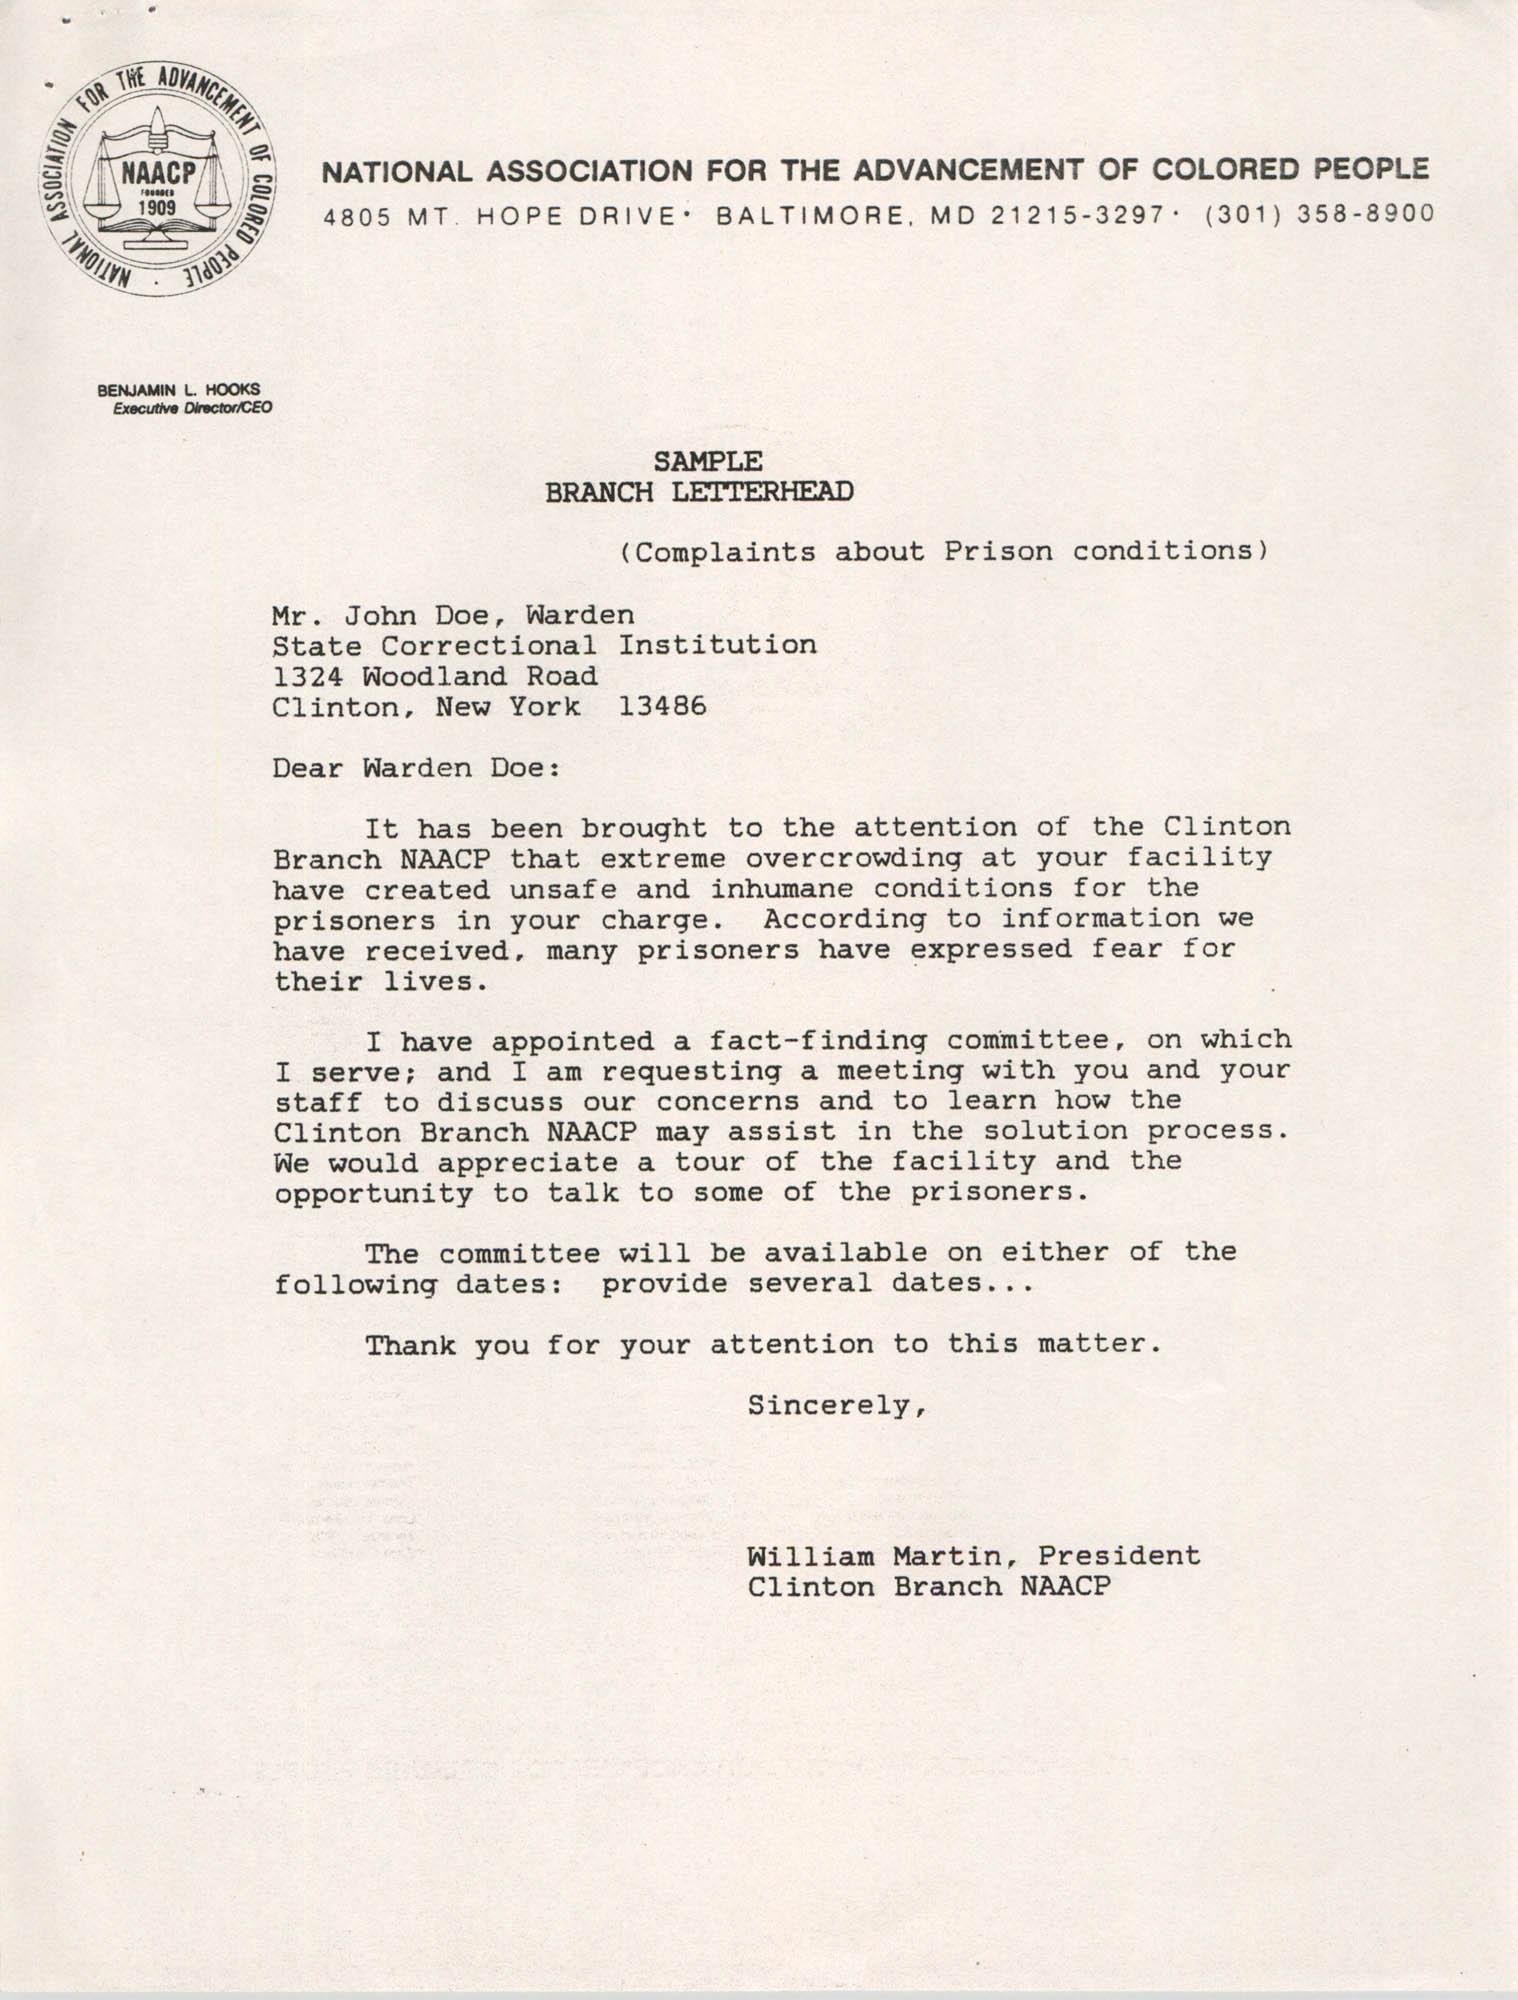 Sample, Letter from William Martin to John Doe